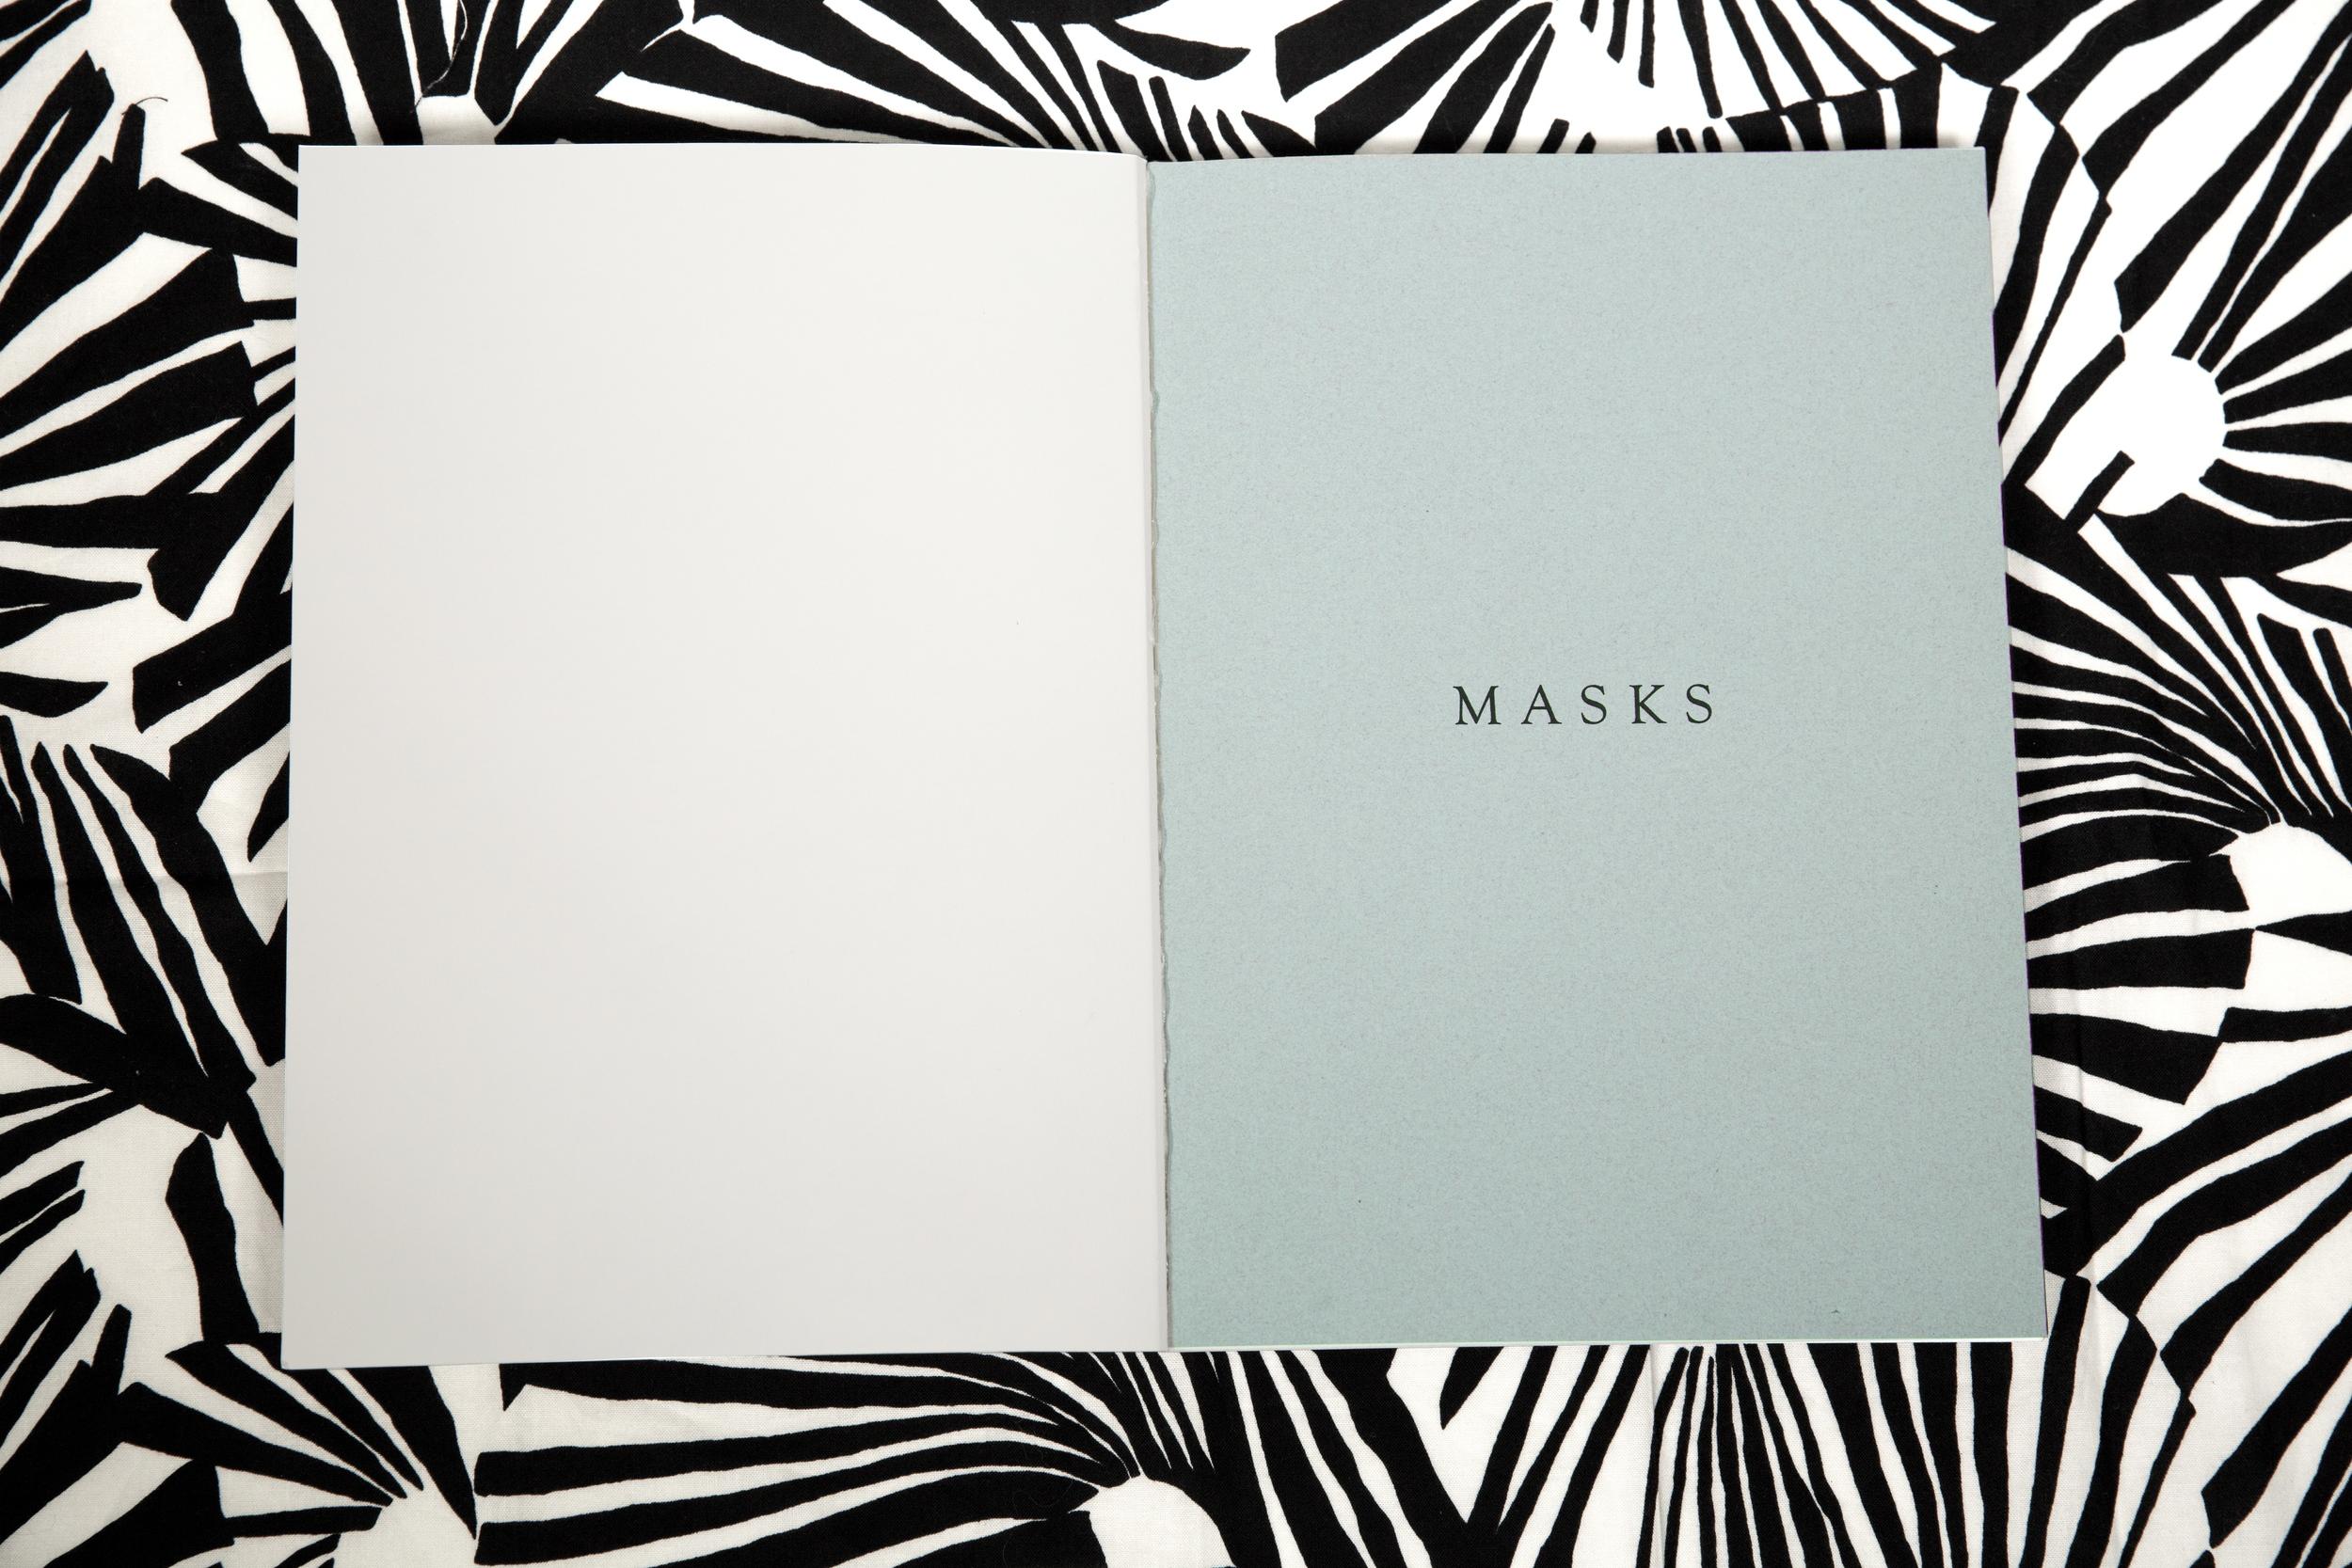 masks10.jpg